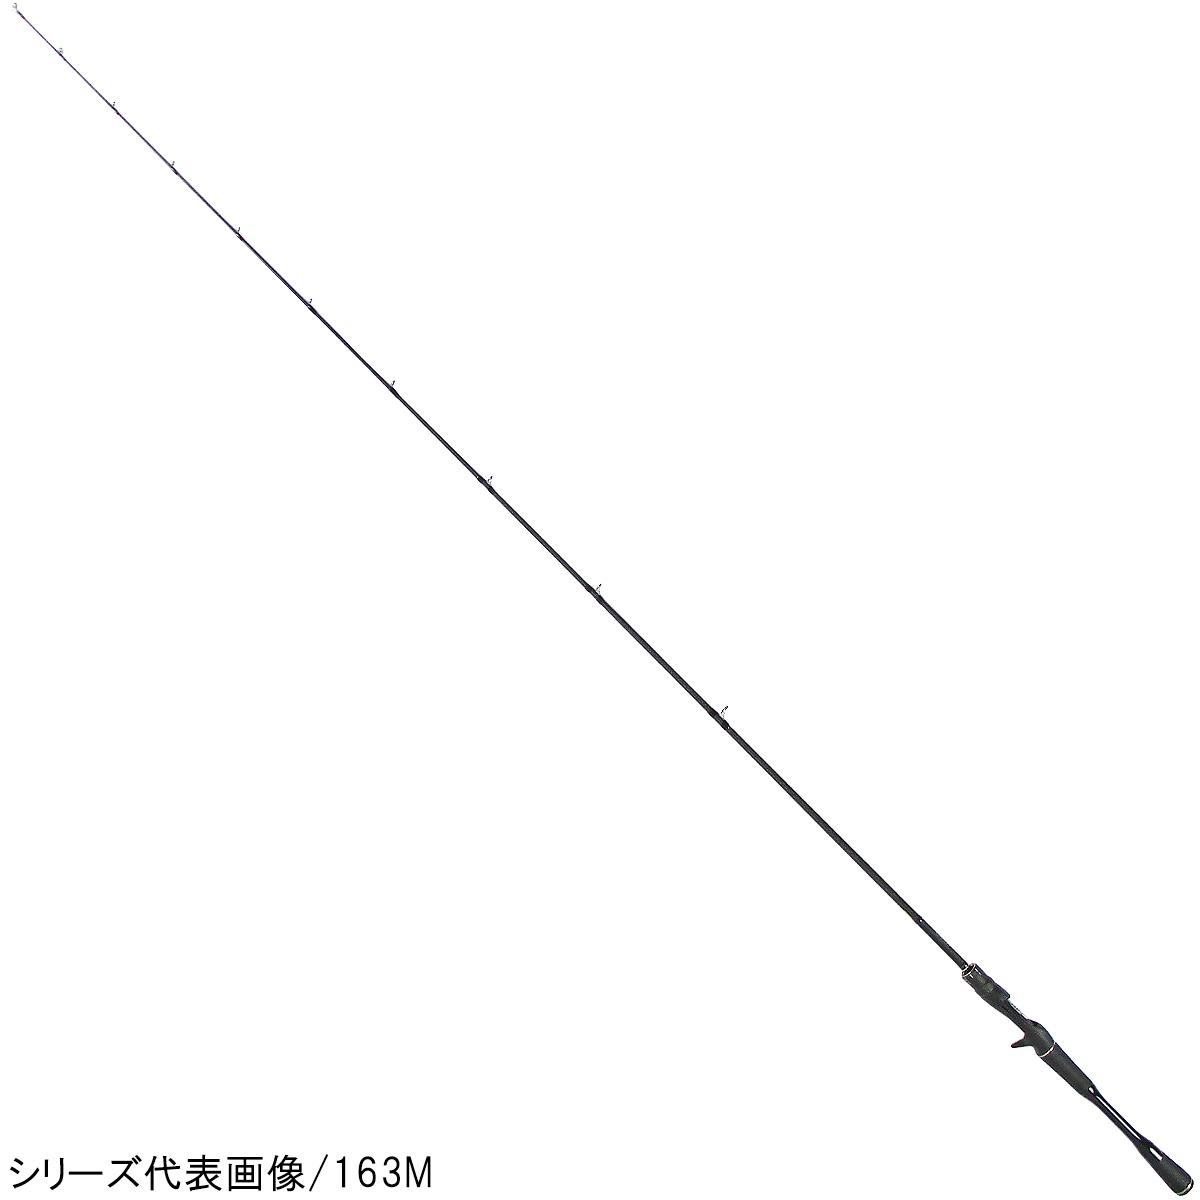 シマノ ポイズンアドレナ (ベイト) 166MH【大型商品】(東日本店)